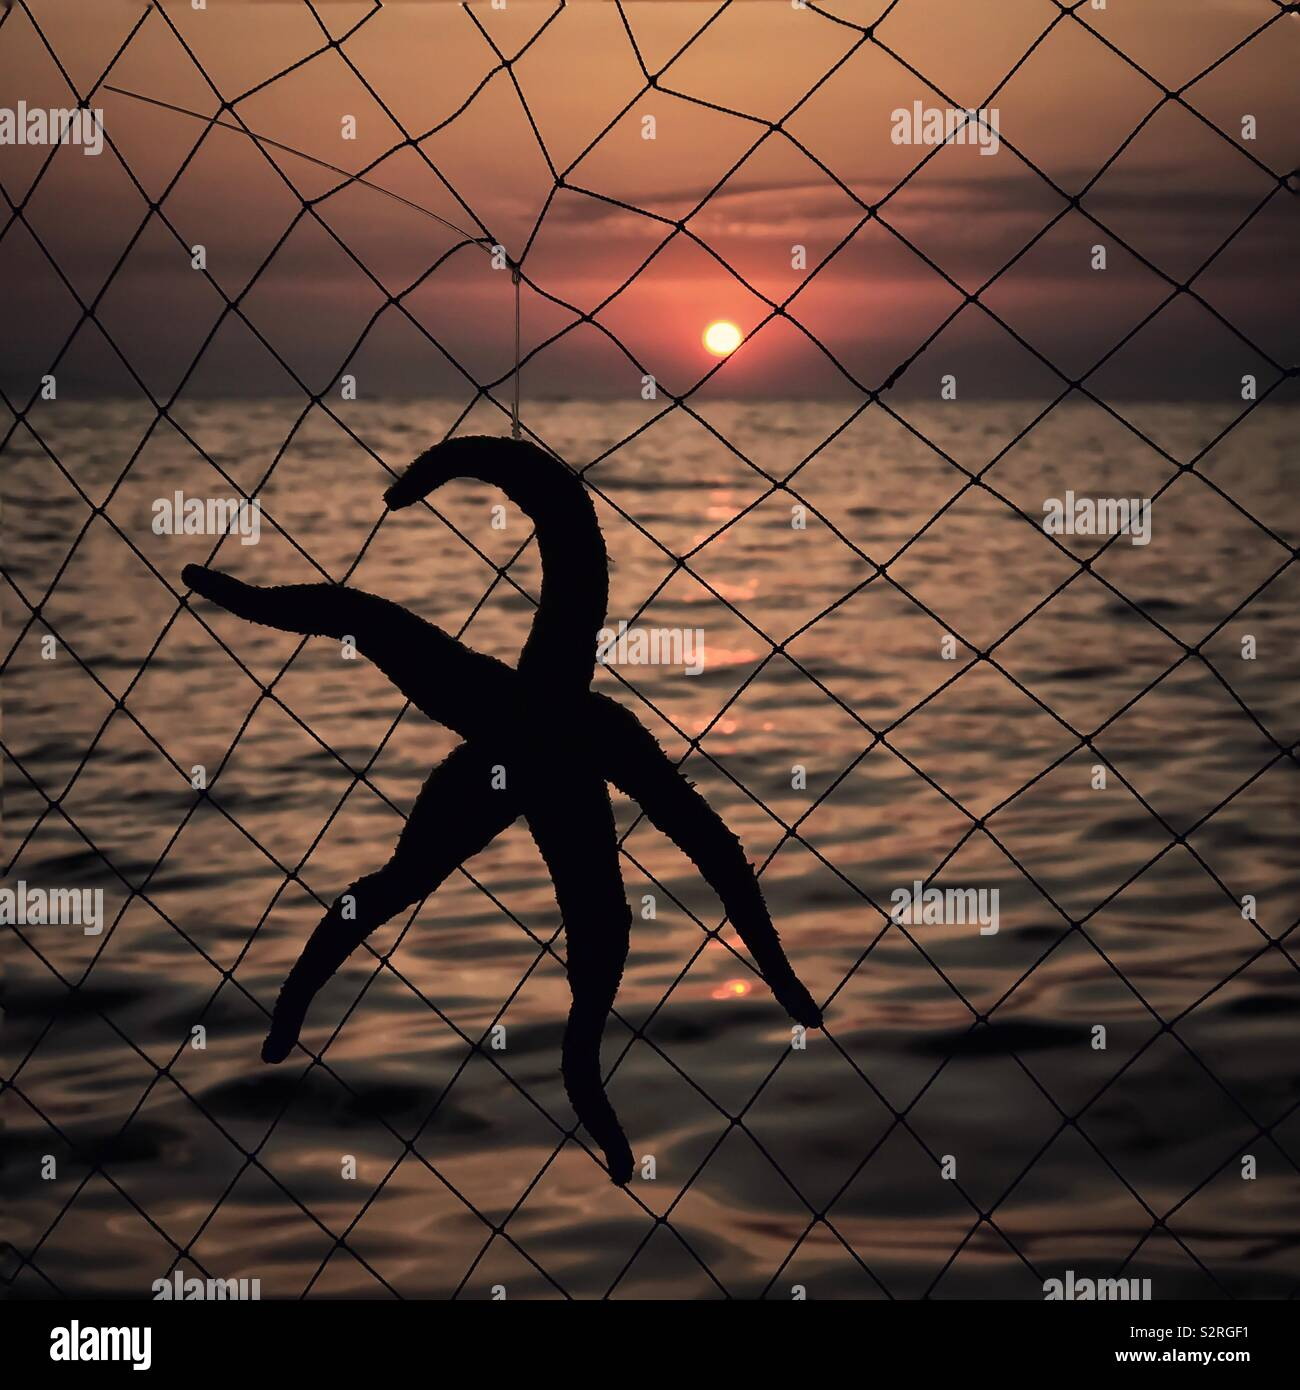 Una estrella de mar decoración colgado en la red de una valla contra un atardecer junto al mar Mavişehir Turquía Imagen De Stock